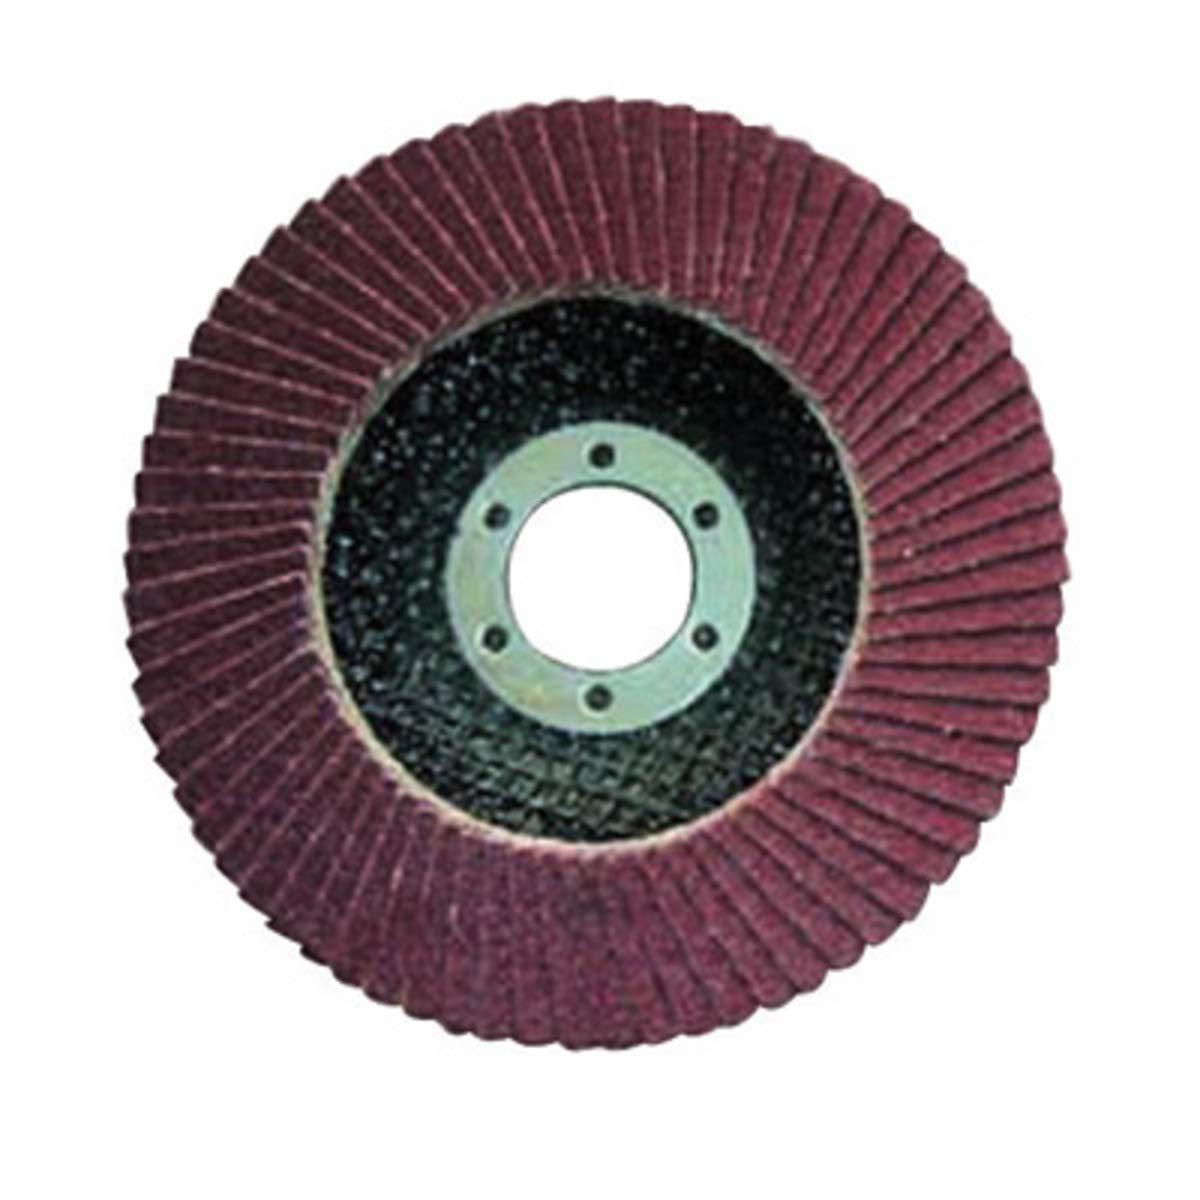 """Carborundum 4 1/2"""" X 5/8"""" - 11 40 Grit Premier Red Zirconia Alumina Type 29 Flap Disc (Pack Quantity 5)"""